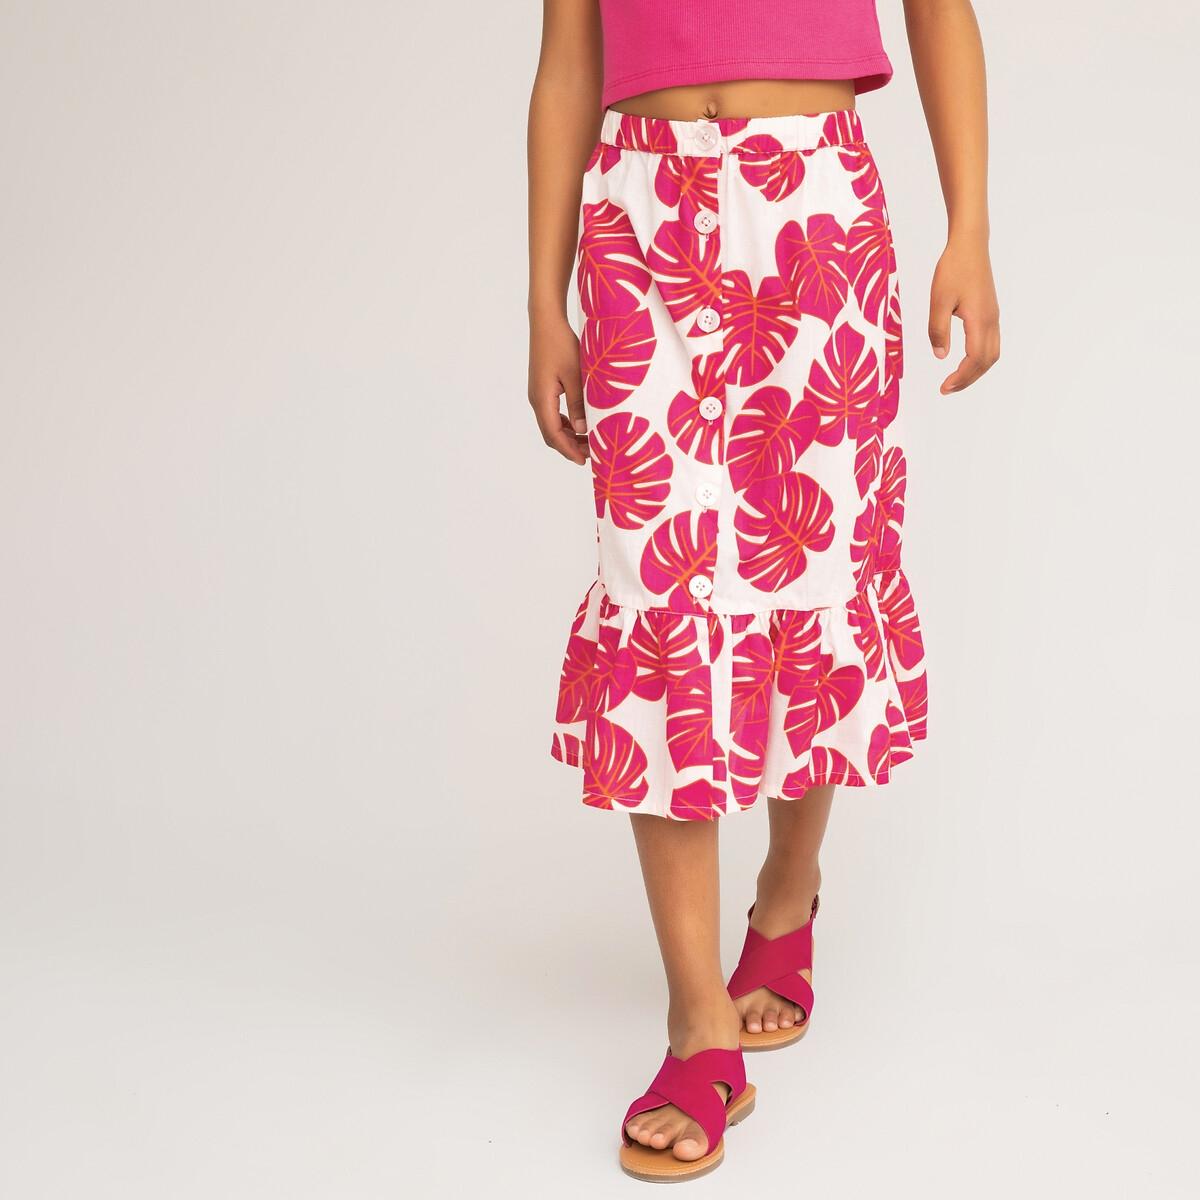 Фото - Юбка LaRedoute С воланом цветочный принт 3-12 лет 8 лет - 126 см розовый рубашка laredoute джинсовая 3 12 лет 8 лет 126 см синий